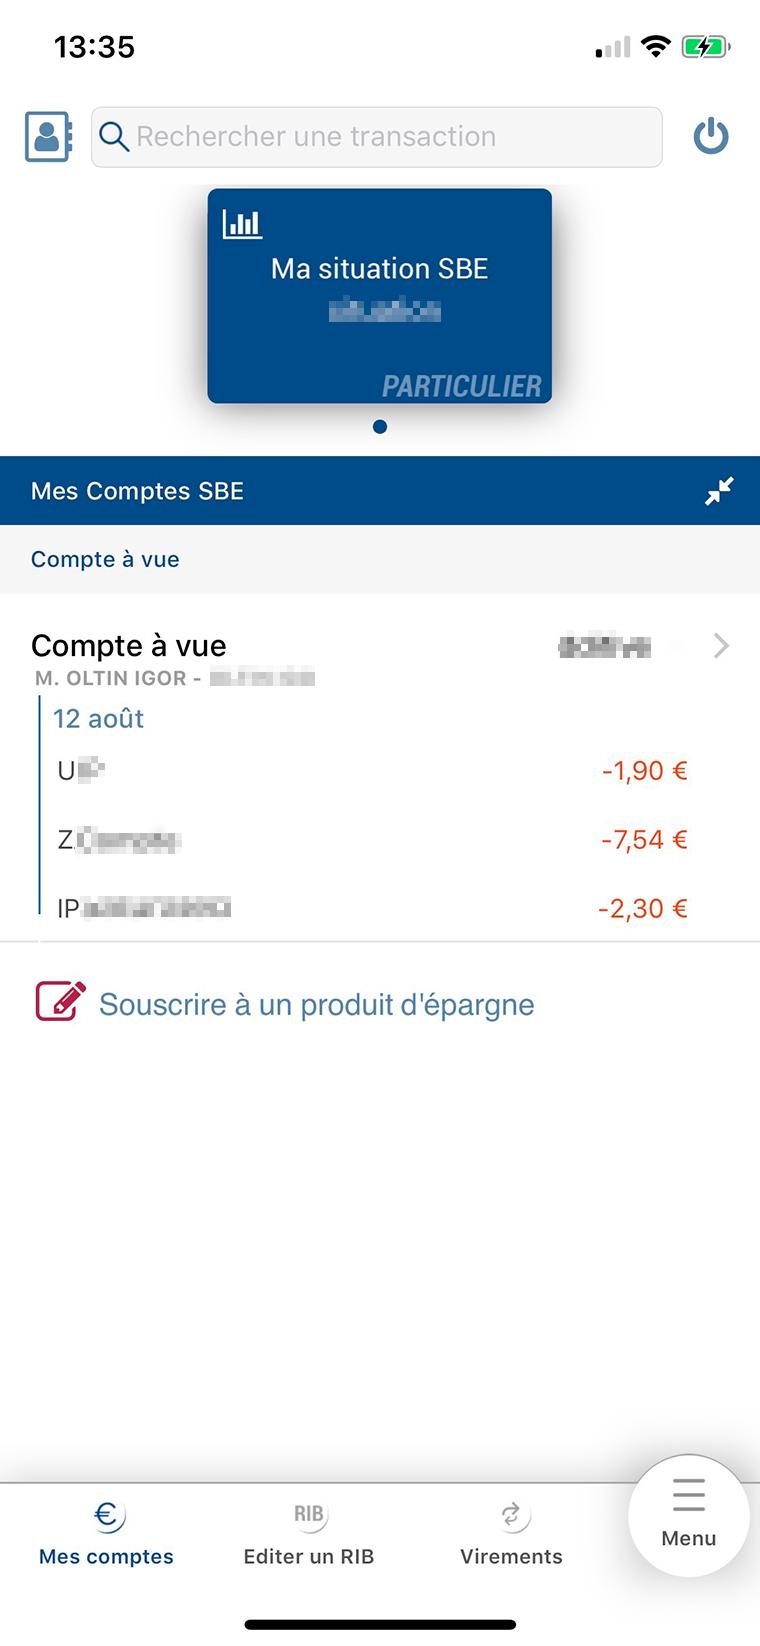 Так выглядит мобильное приложение банка BRED. Операции отображаются на следующий день, деньги со счета могут списываться неделю